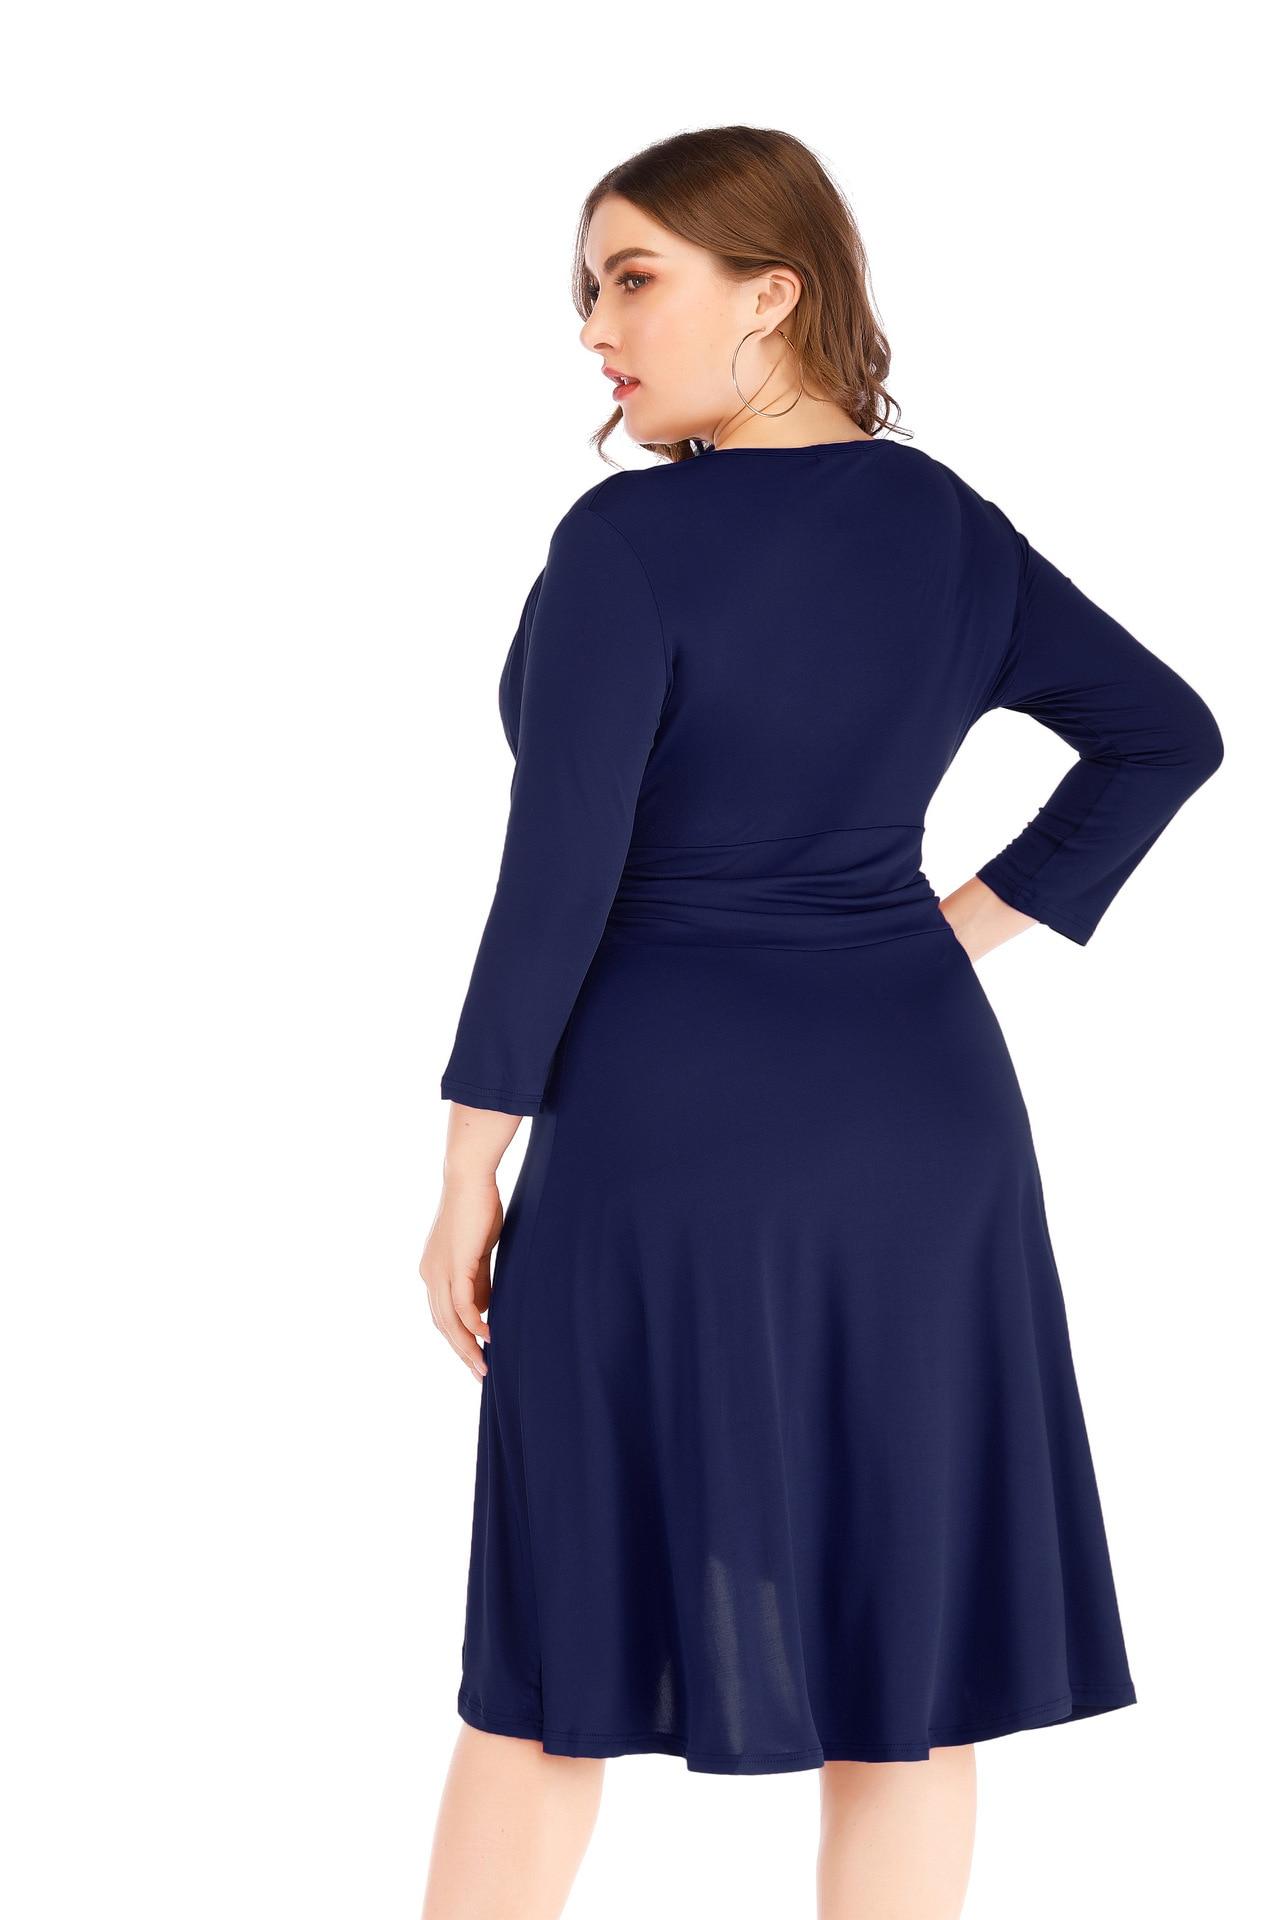 Fat Mm Large Size Dress 2019 Spring Clothing New Sexy V-neck Waist Hugging Solid Color Irregular Dress Big Skirt 8489